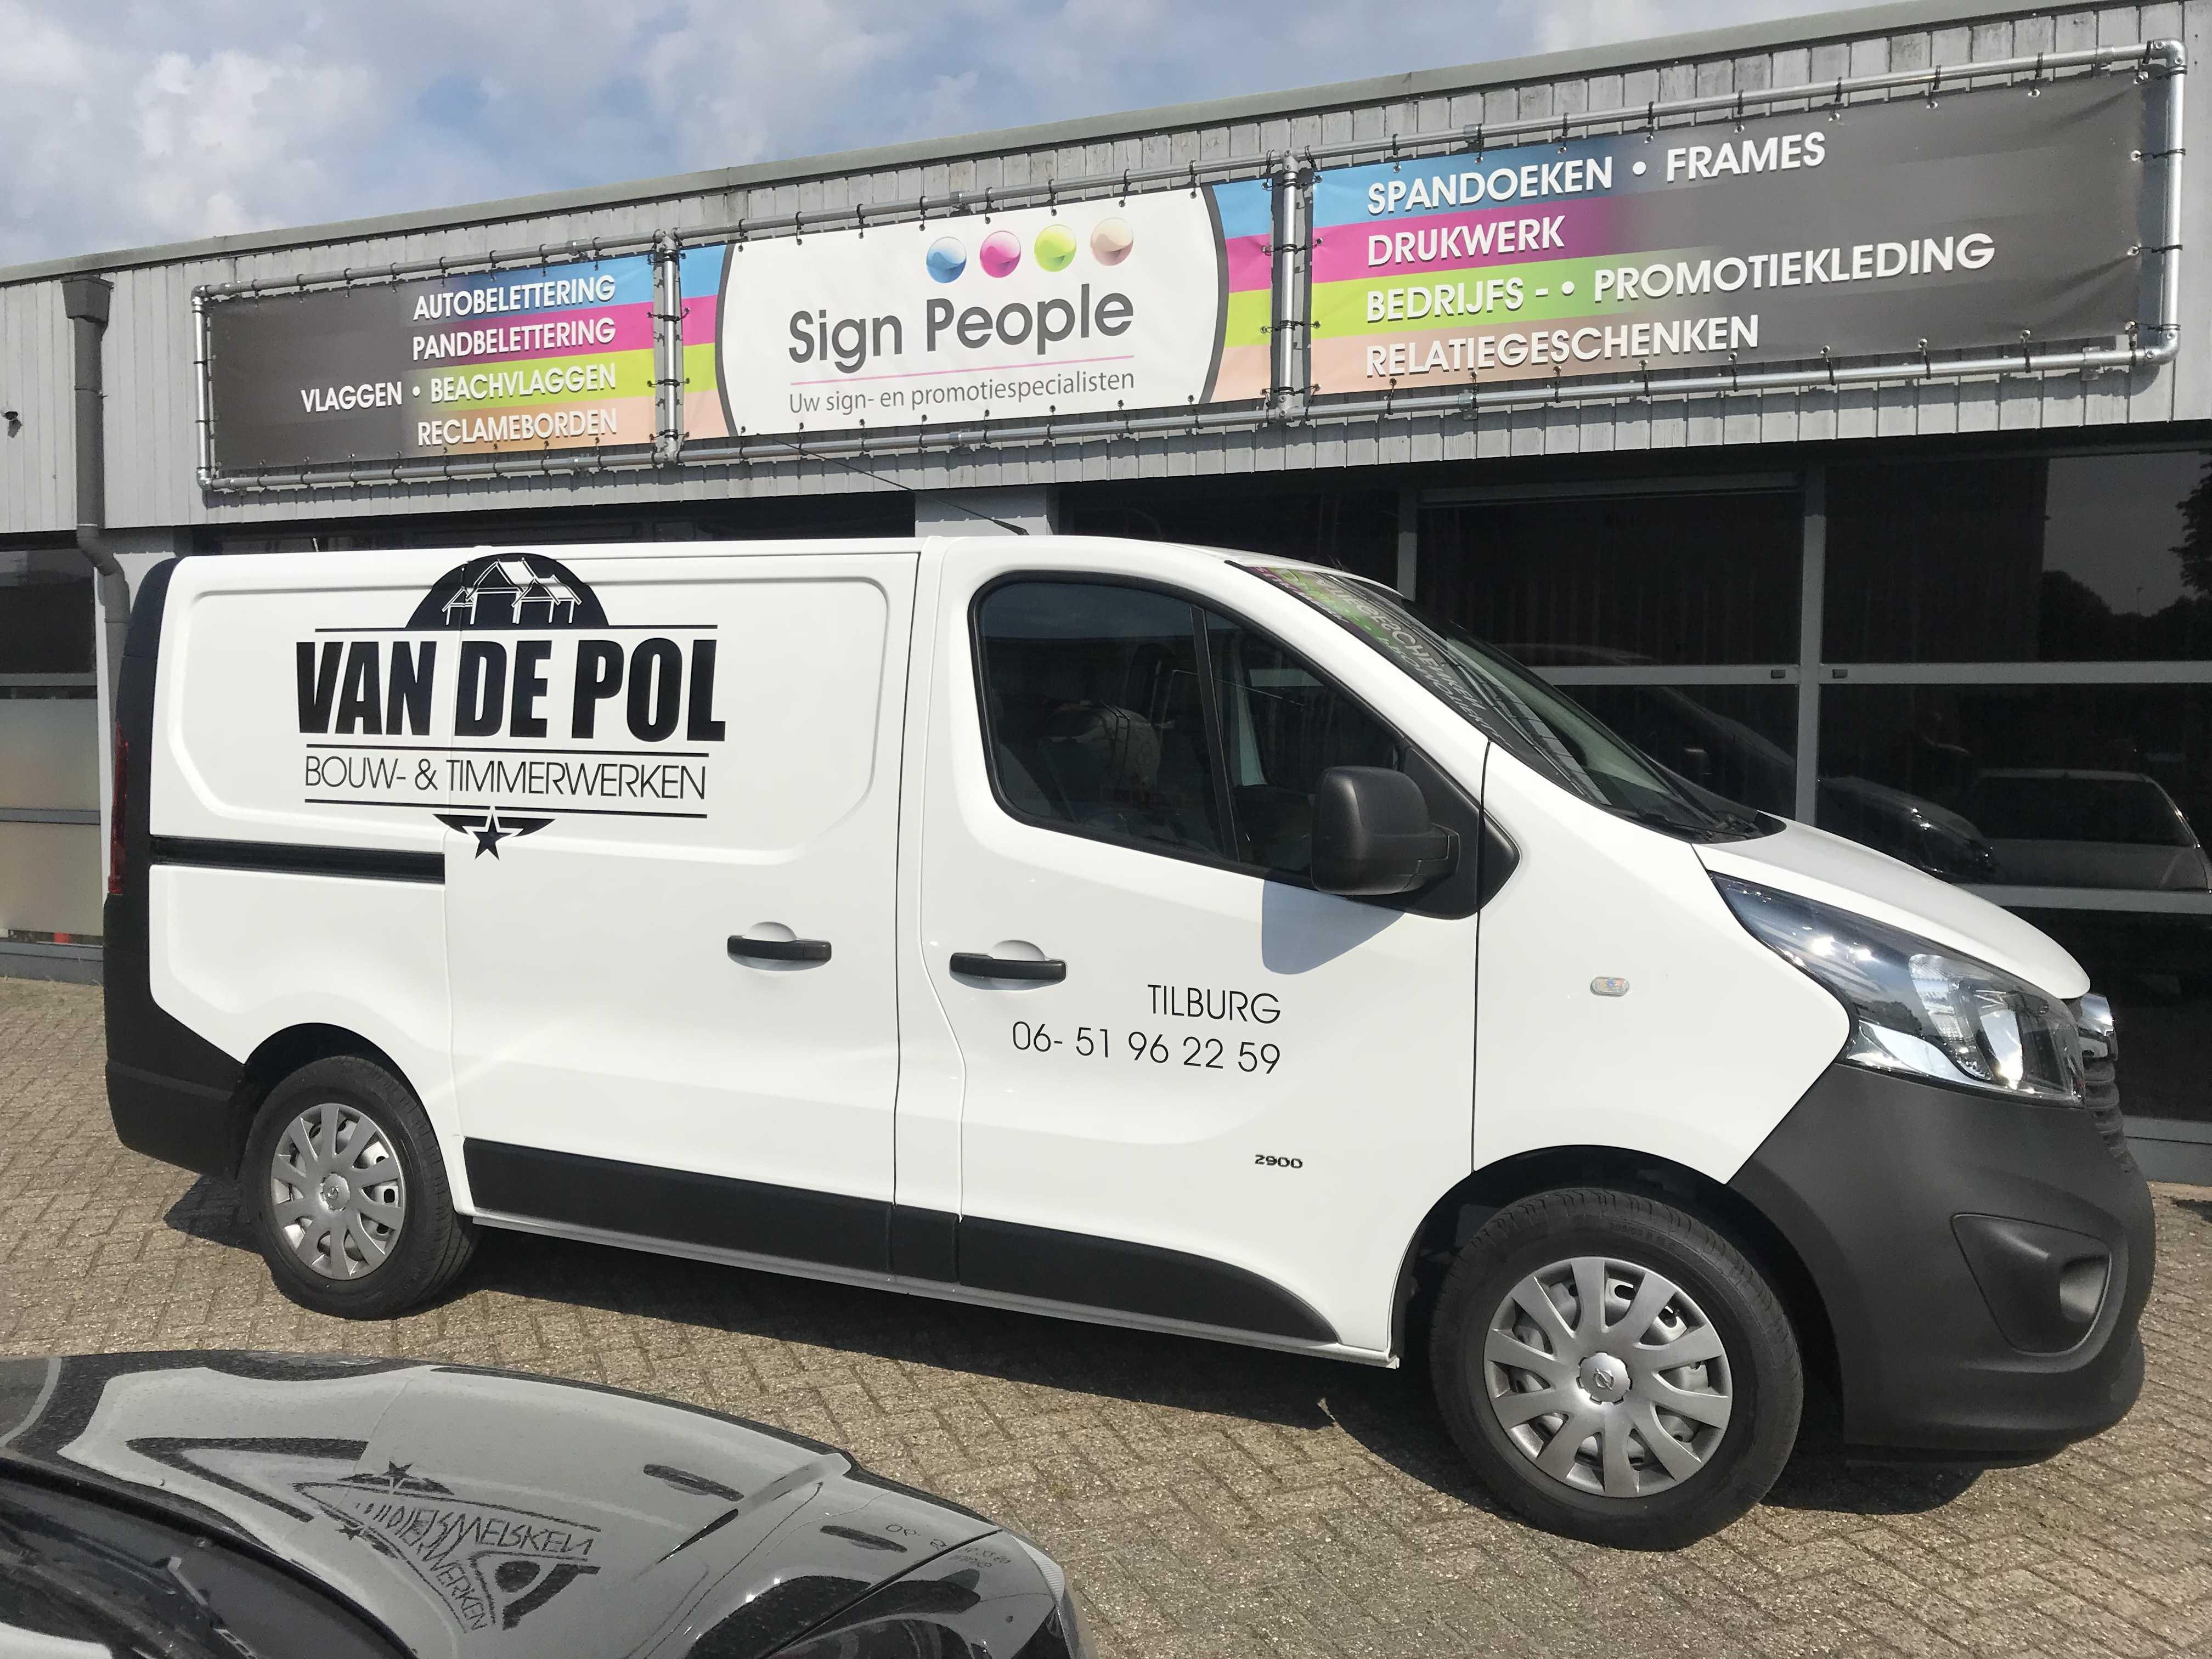 Autobelettering van de Pol logo tekst ontwerp bedrijfswagen